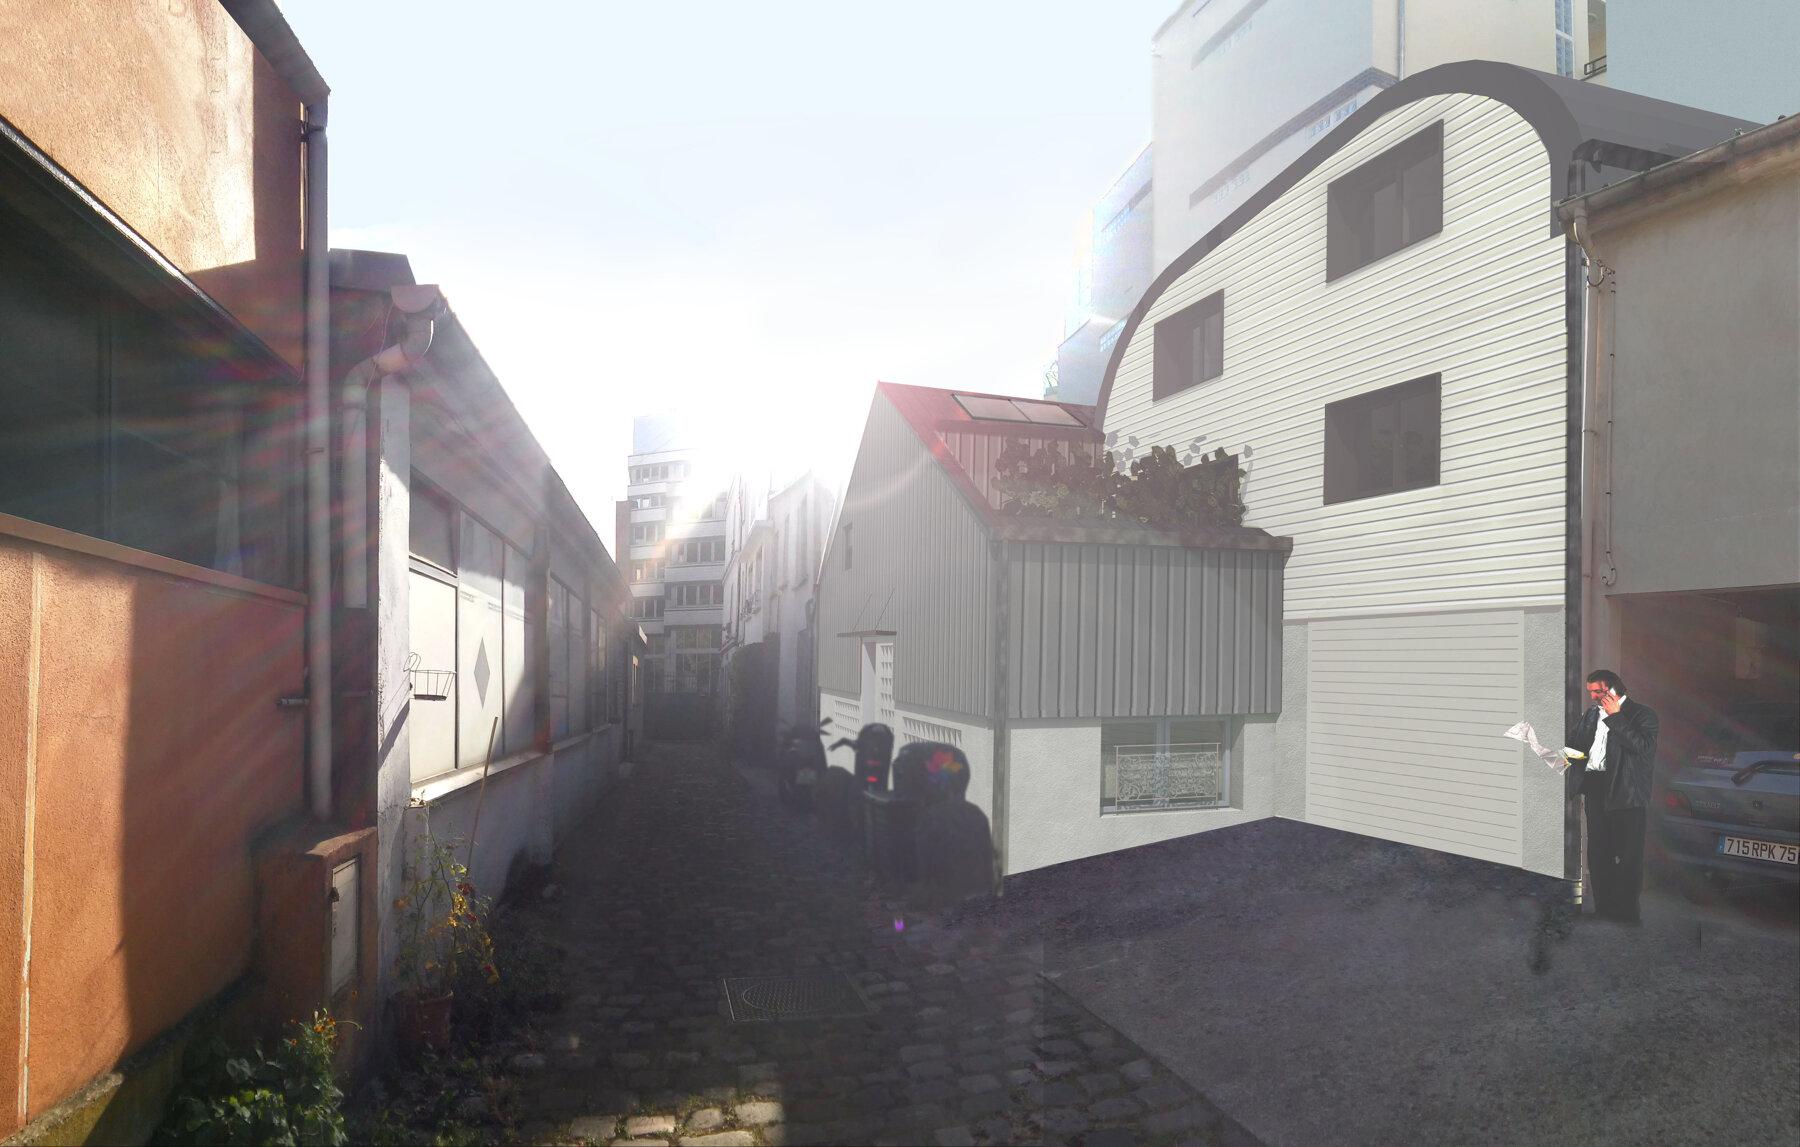 Montreuil 1 surélévation